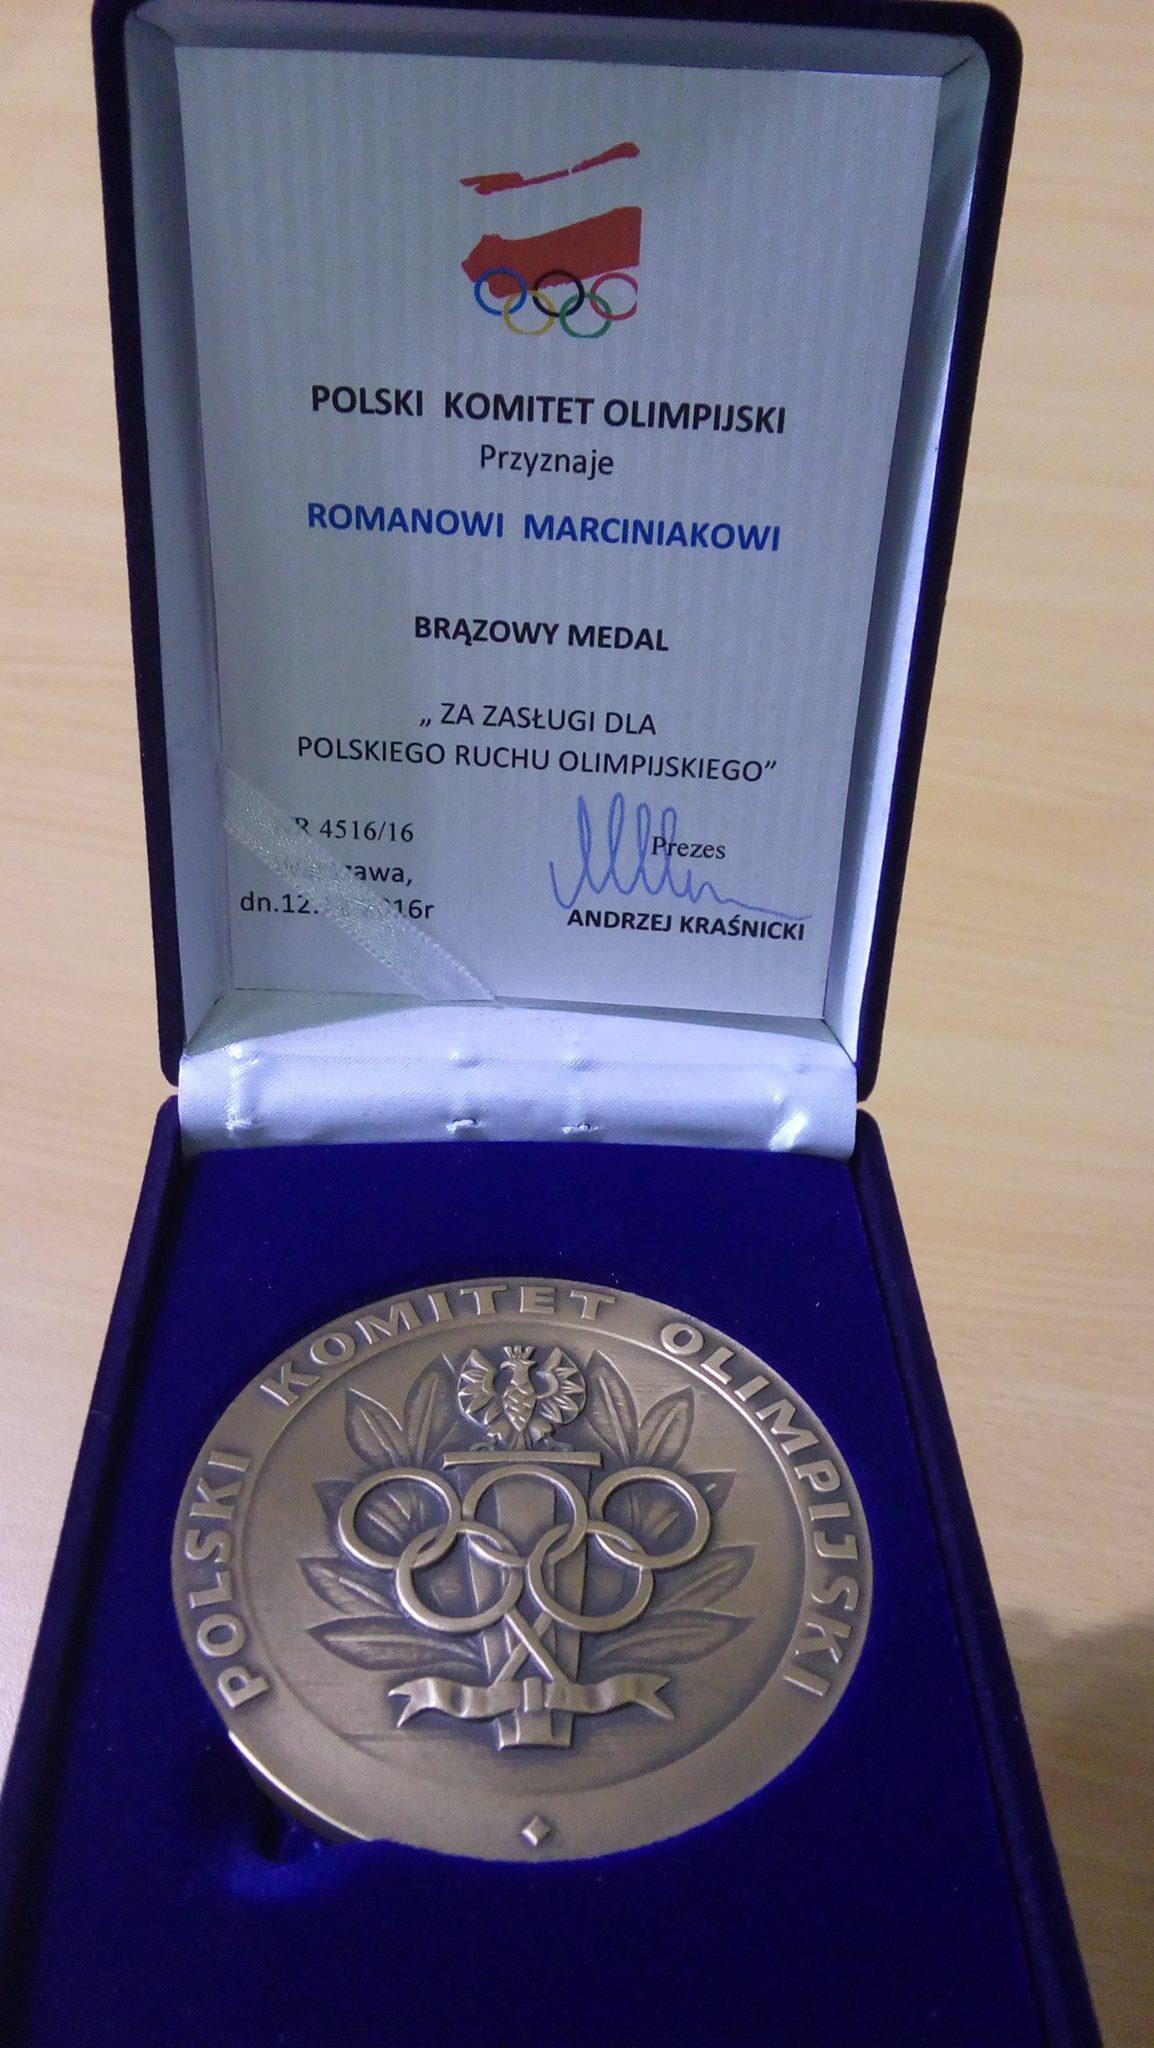 Brązowy medal PKOL dla Romana Marciniaka